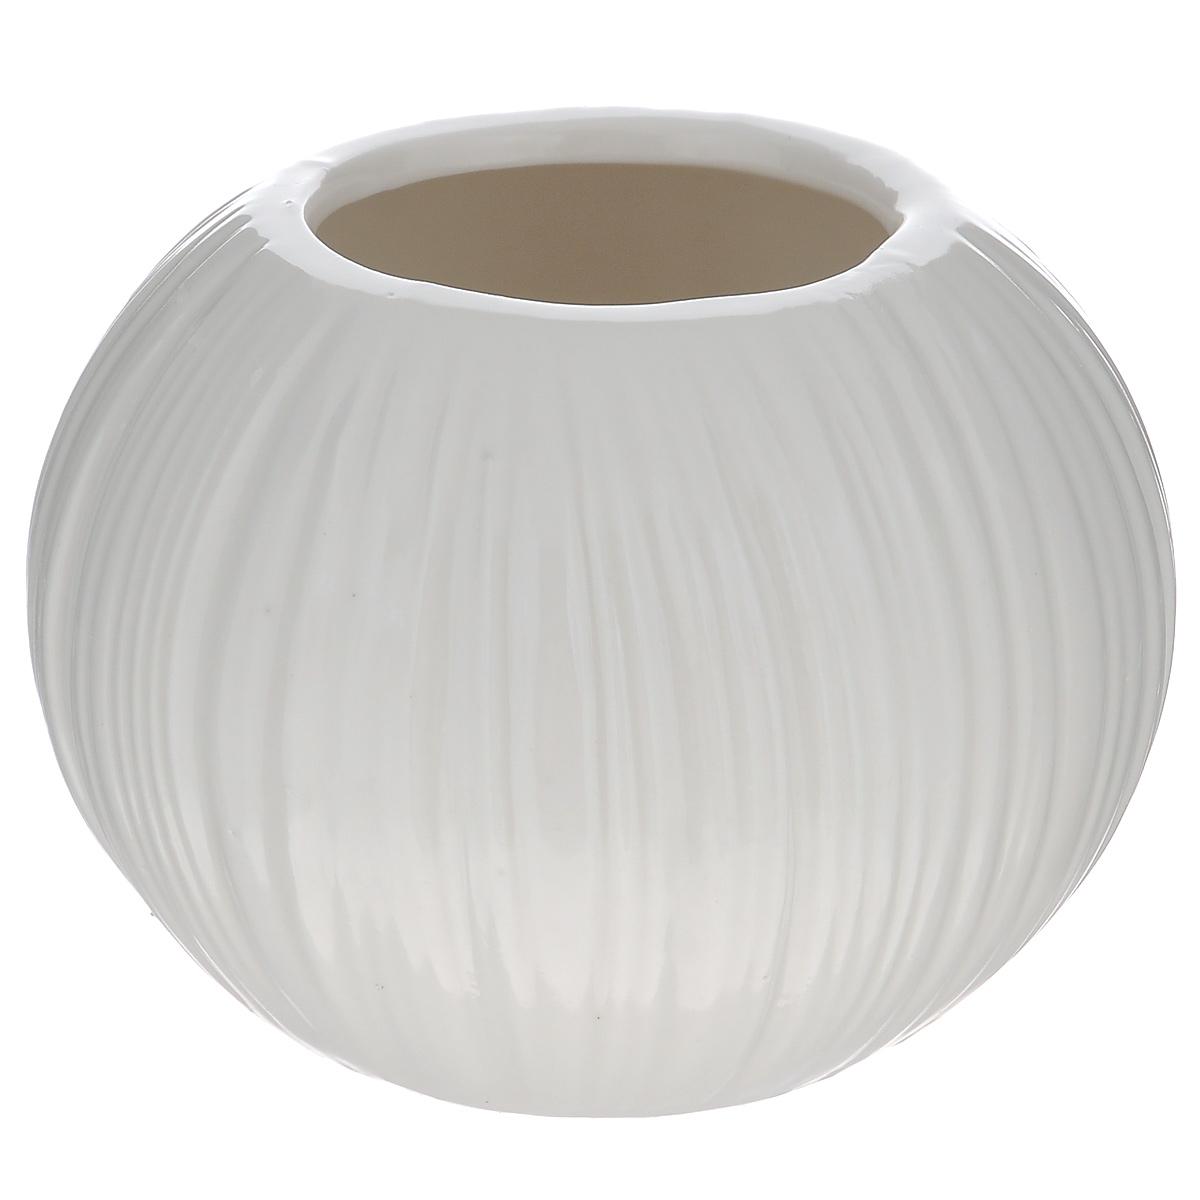 Ваза декоративная Blossom Line, цвет: белый, высота 9 смBL0130113Оригинальная ваза Blossom Line изготовлена из керамики. Рельефная волнообразная поверхностью вазы делает ее изящным украшением интерьера. При желании изделие можно оформить по собственному вкусу, например раскрасив его красками. Ваза Blossom Line дополнит интерьер офиса или дома и станет желанным и стильным подарком. Диаметр вазы: 6,5 см. Высота вазы: 9 см.